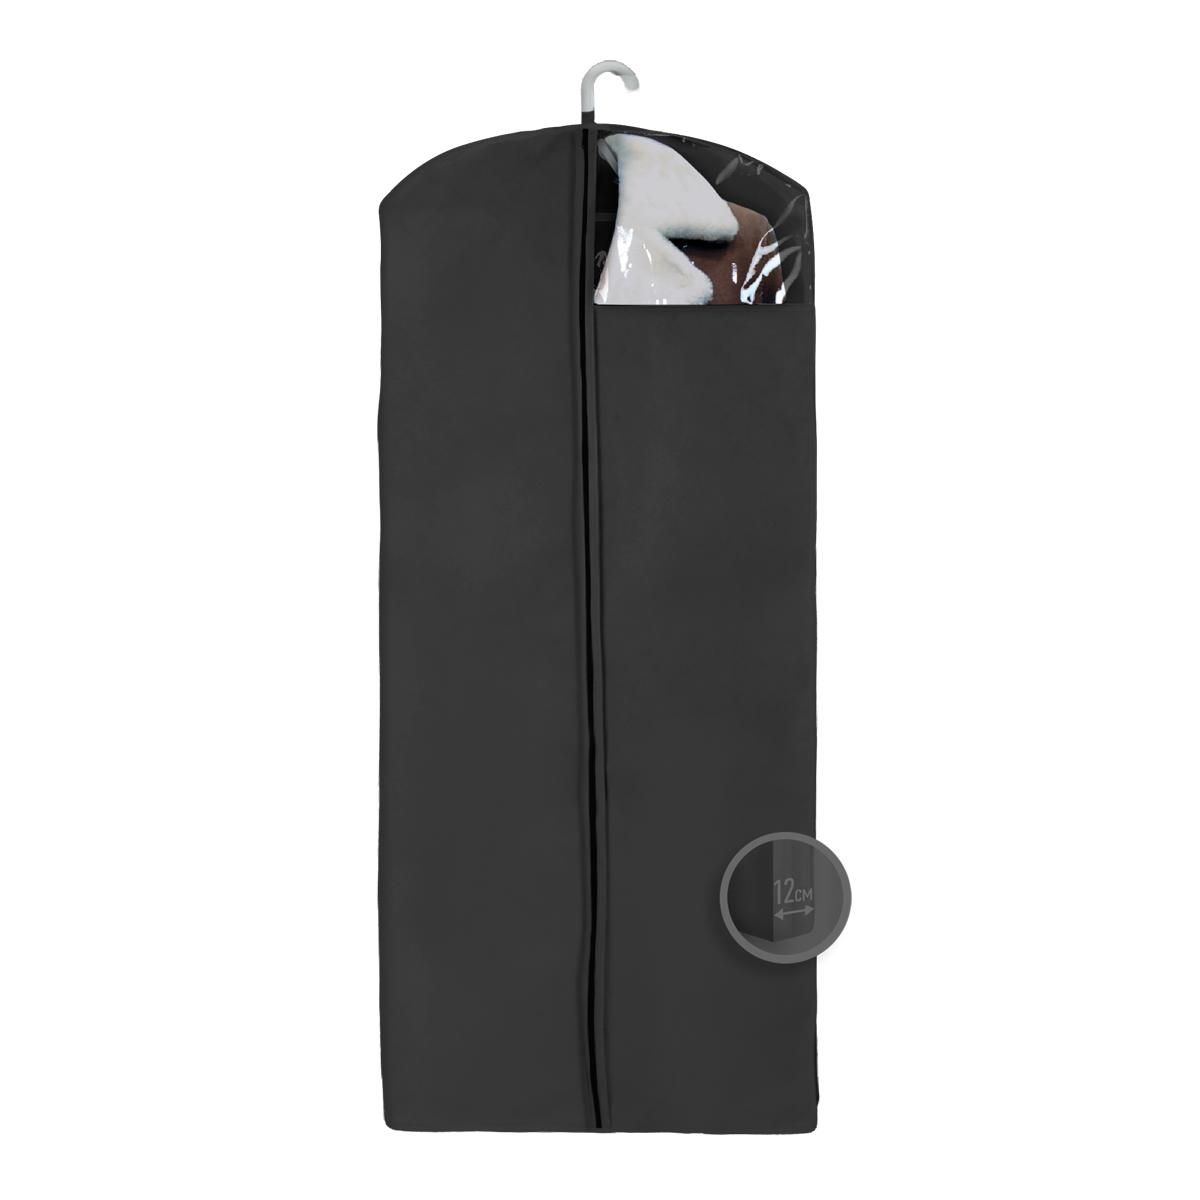 Чехол для верхней одежды Miolla, с окошком, цвет: черный, 140 х 60 х 12 смPARIS 75015-8C ANTIQUEЧехол для верхней одежды Miolla на застежке-молнии выполнен из высококачественного нетканого материала. Прозрачное полиэтиленовое окошко позволяет видеть содержимое чехла. Подходит для длительного хранения вещей.Чехол обеспечивает вашей одежде надежную защиту от влажности, повреждений и грязи при транспортировке, от запыления при хранении и проникновения моли. Чехол обладает водоотталкивающими свойствами, а также позволяет воздуху свободно поступать внутрь вещей, обеспечивая их кондиционирование. Это особенно важно при хранении кожаных и меховых изделий.Размер чехла: 140 х 60 х 12 см.